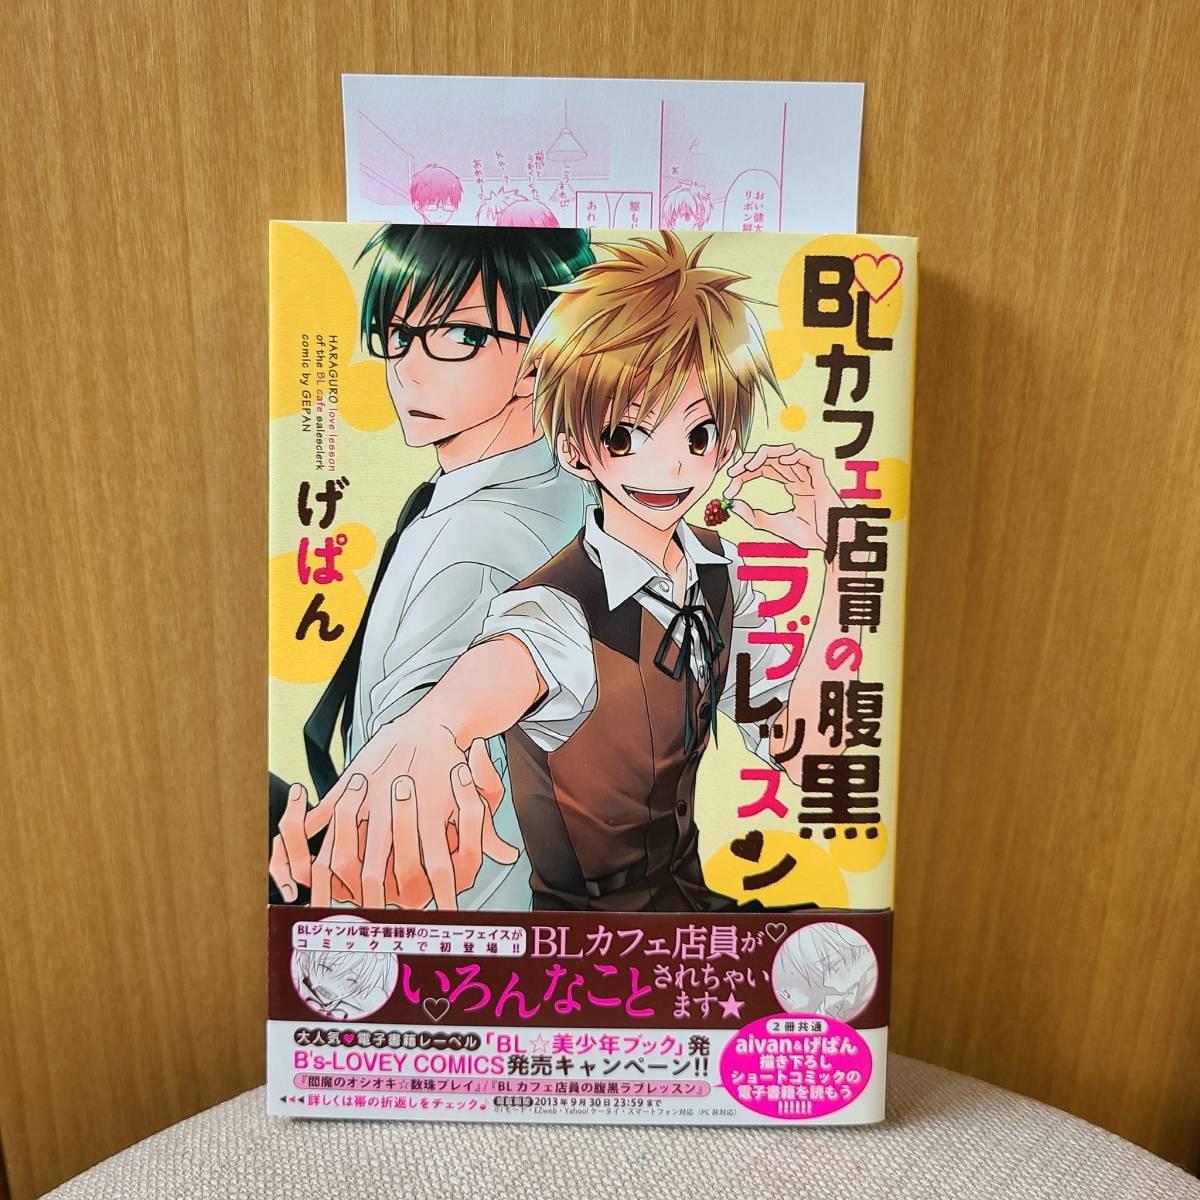 BLカフェ店員の腹黒ラブレッスン げぱん ペーパー付き 初版 BLコミック